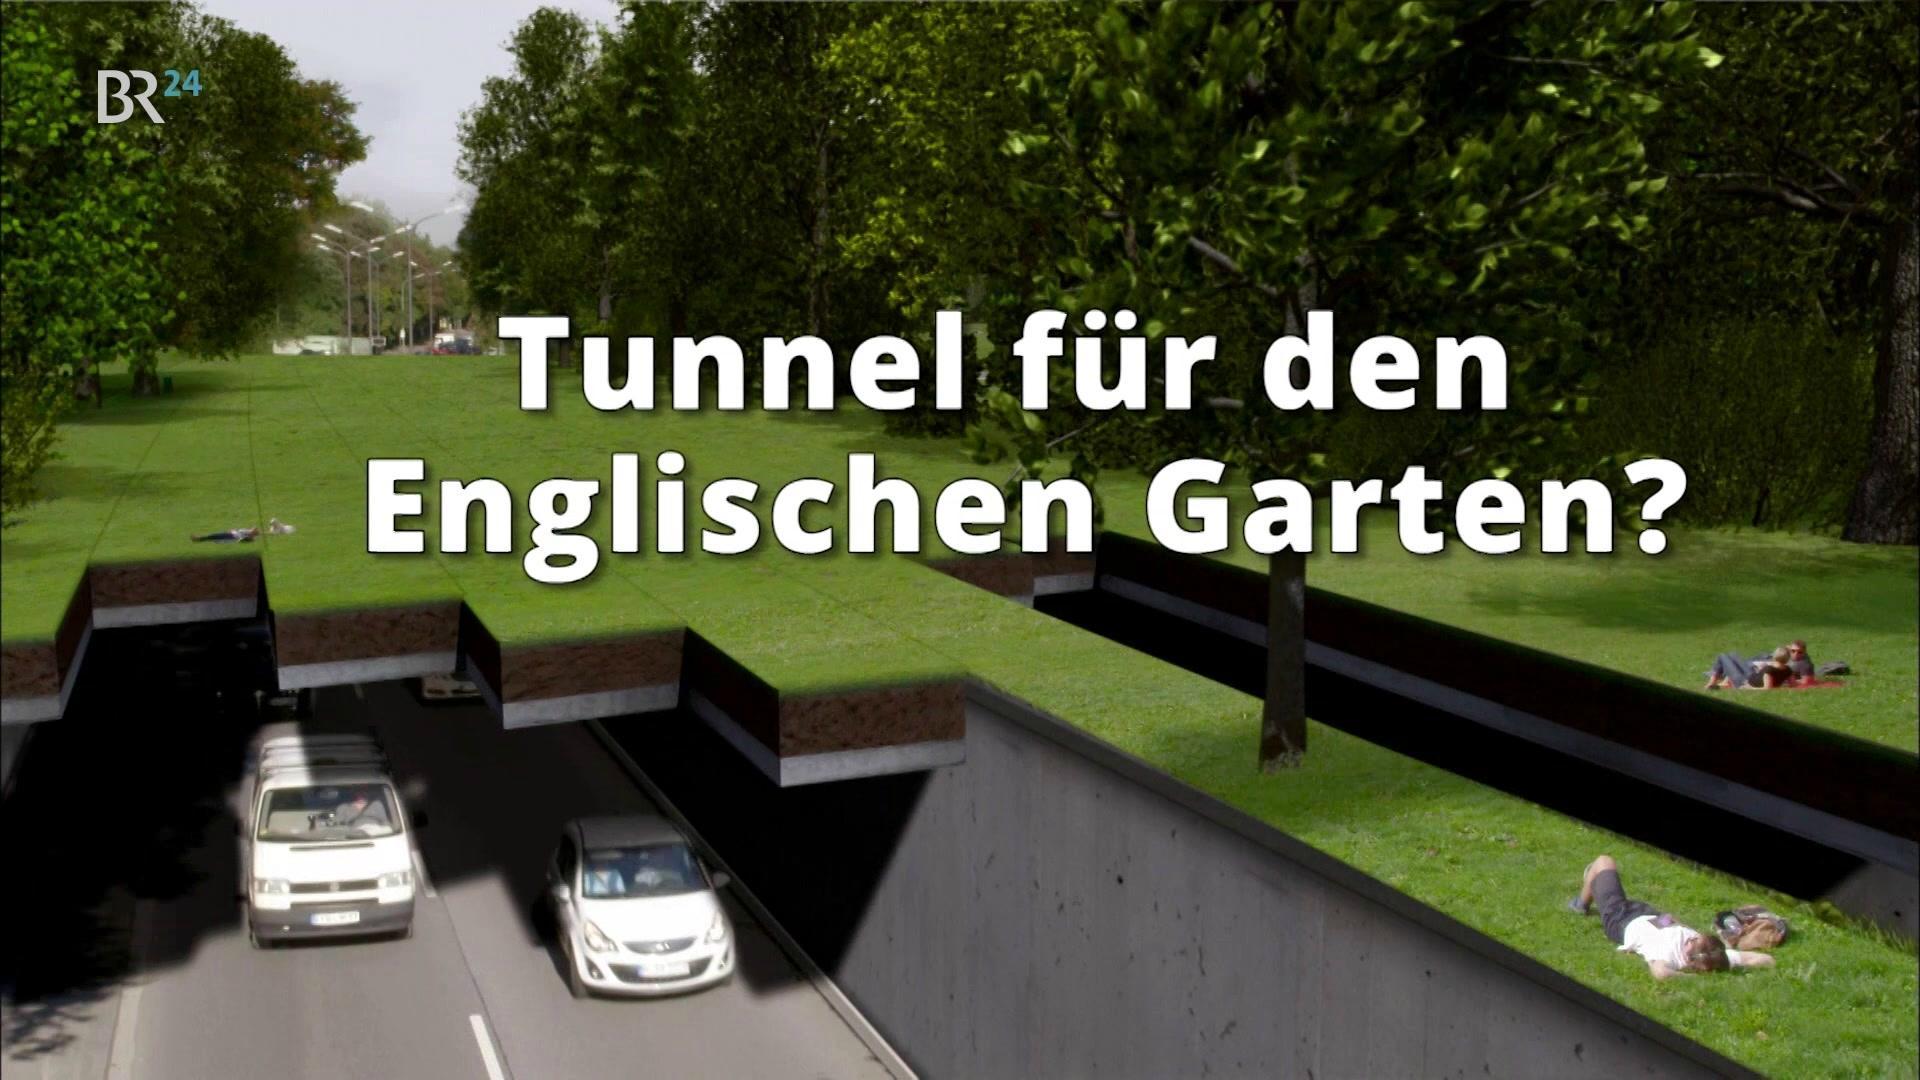 Tunnel Für Den Englischen Garten Br24